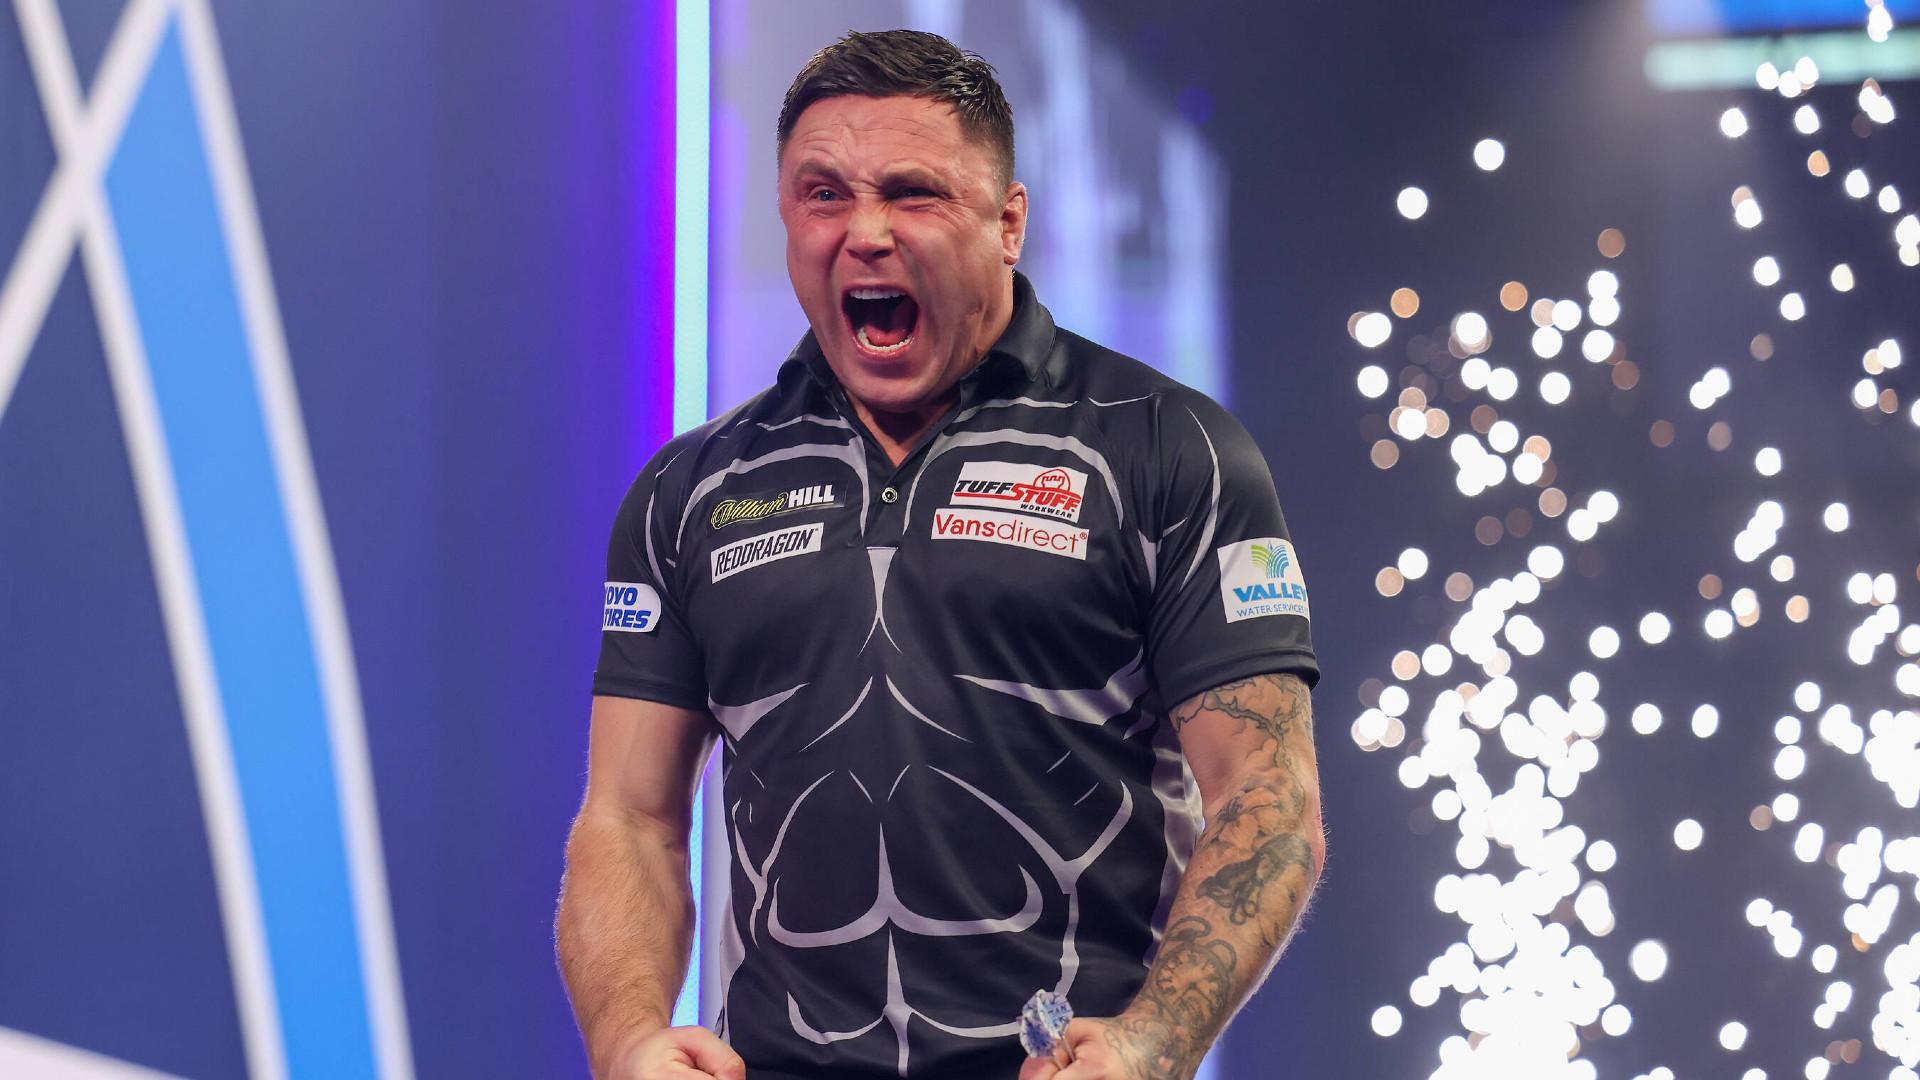 Gerwyn Price_Darts WM 2021_02012021_Pro Sports Images